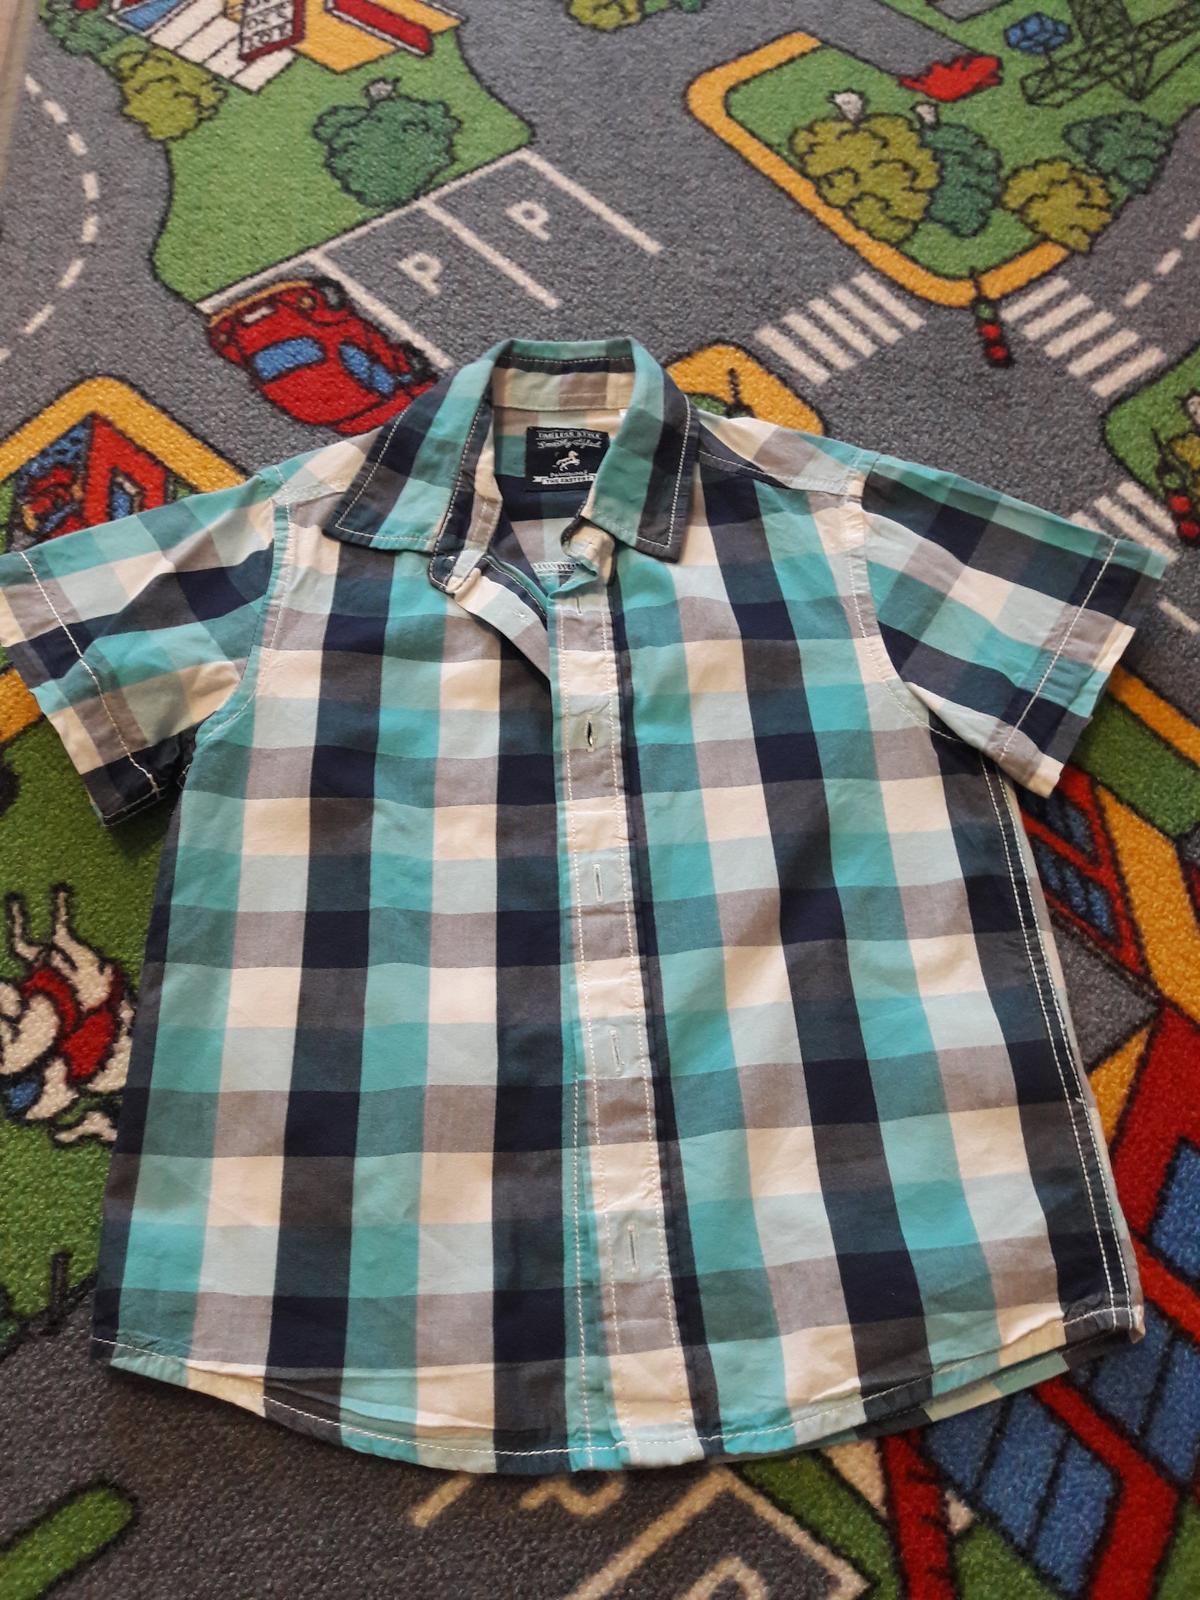 Košile - dětská - vel. 104 - Obrázek č. 1